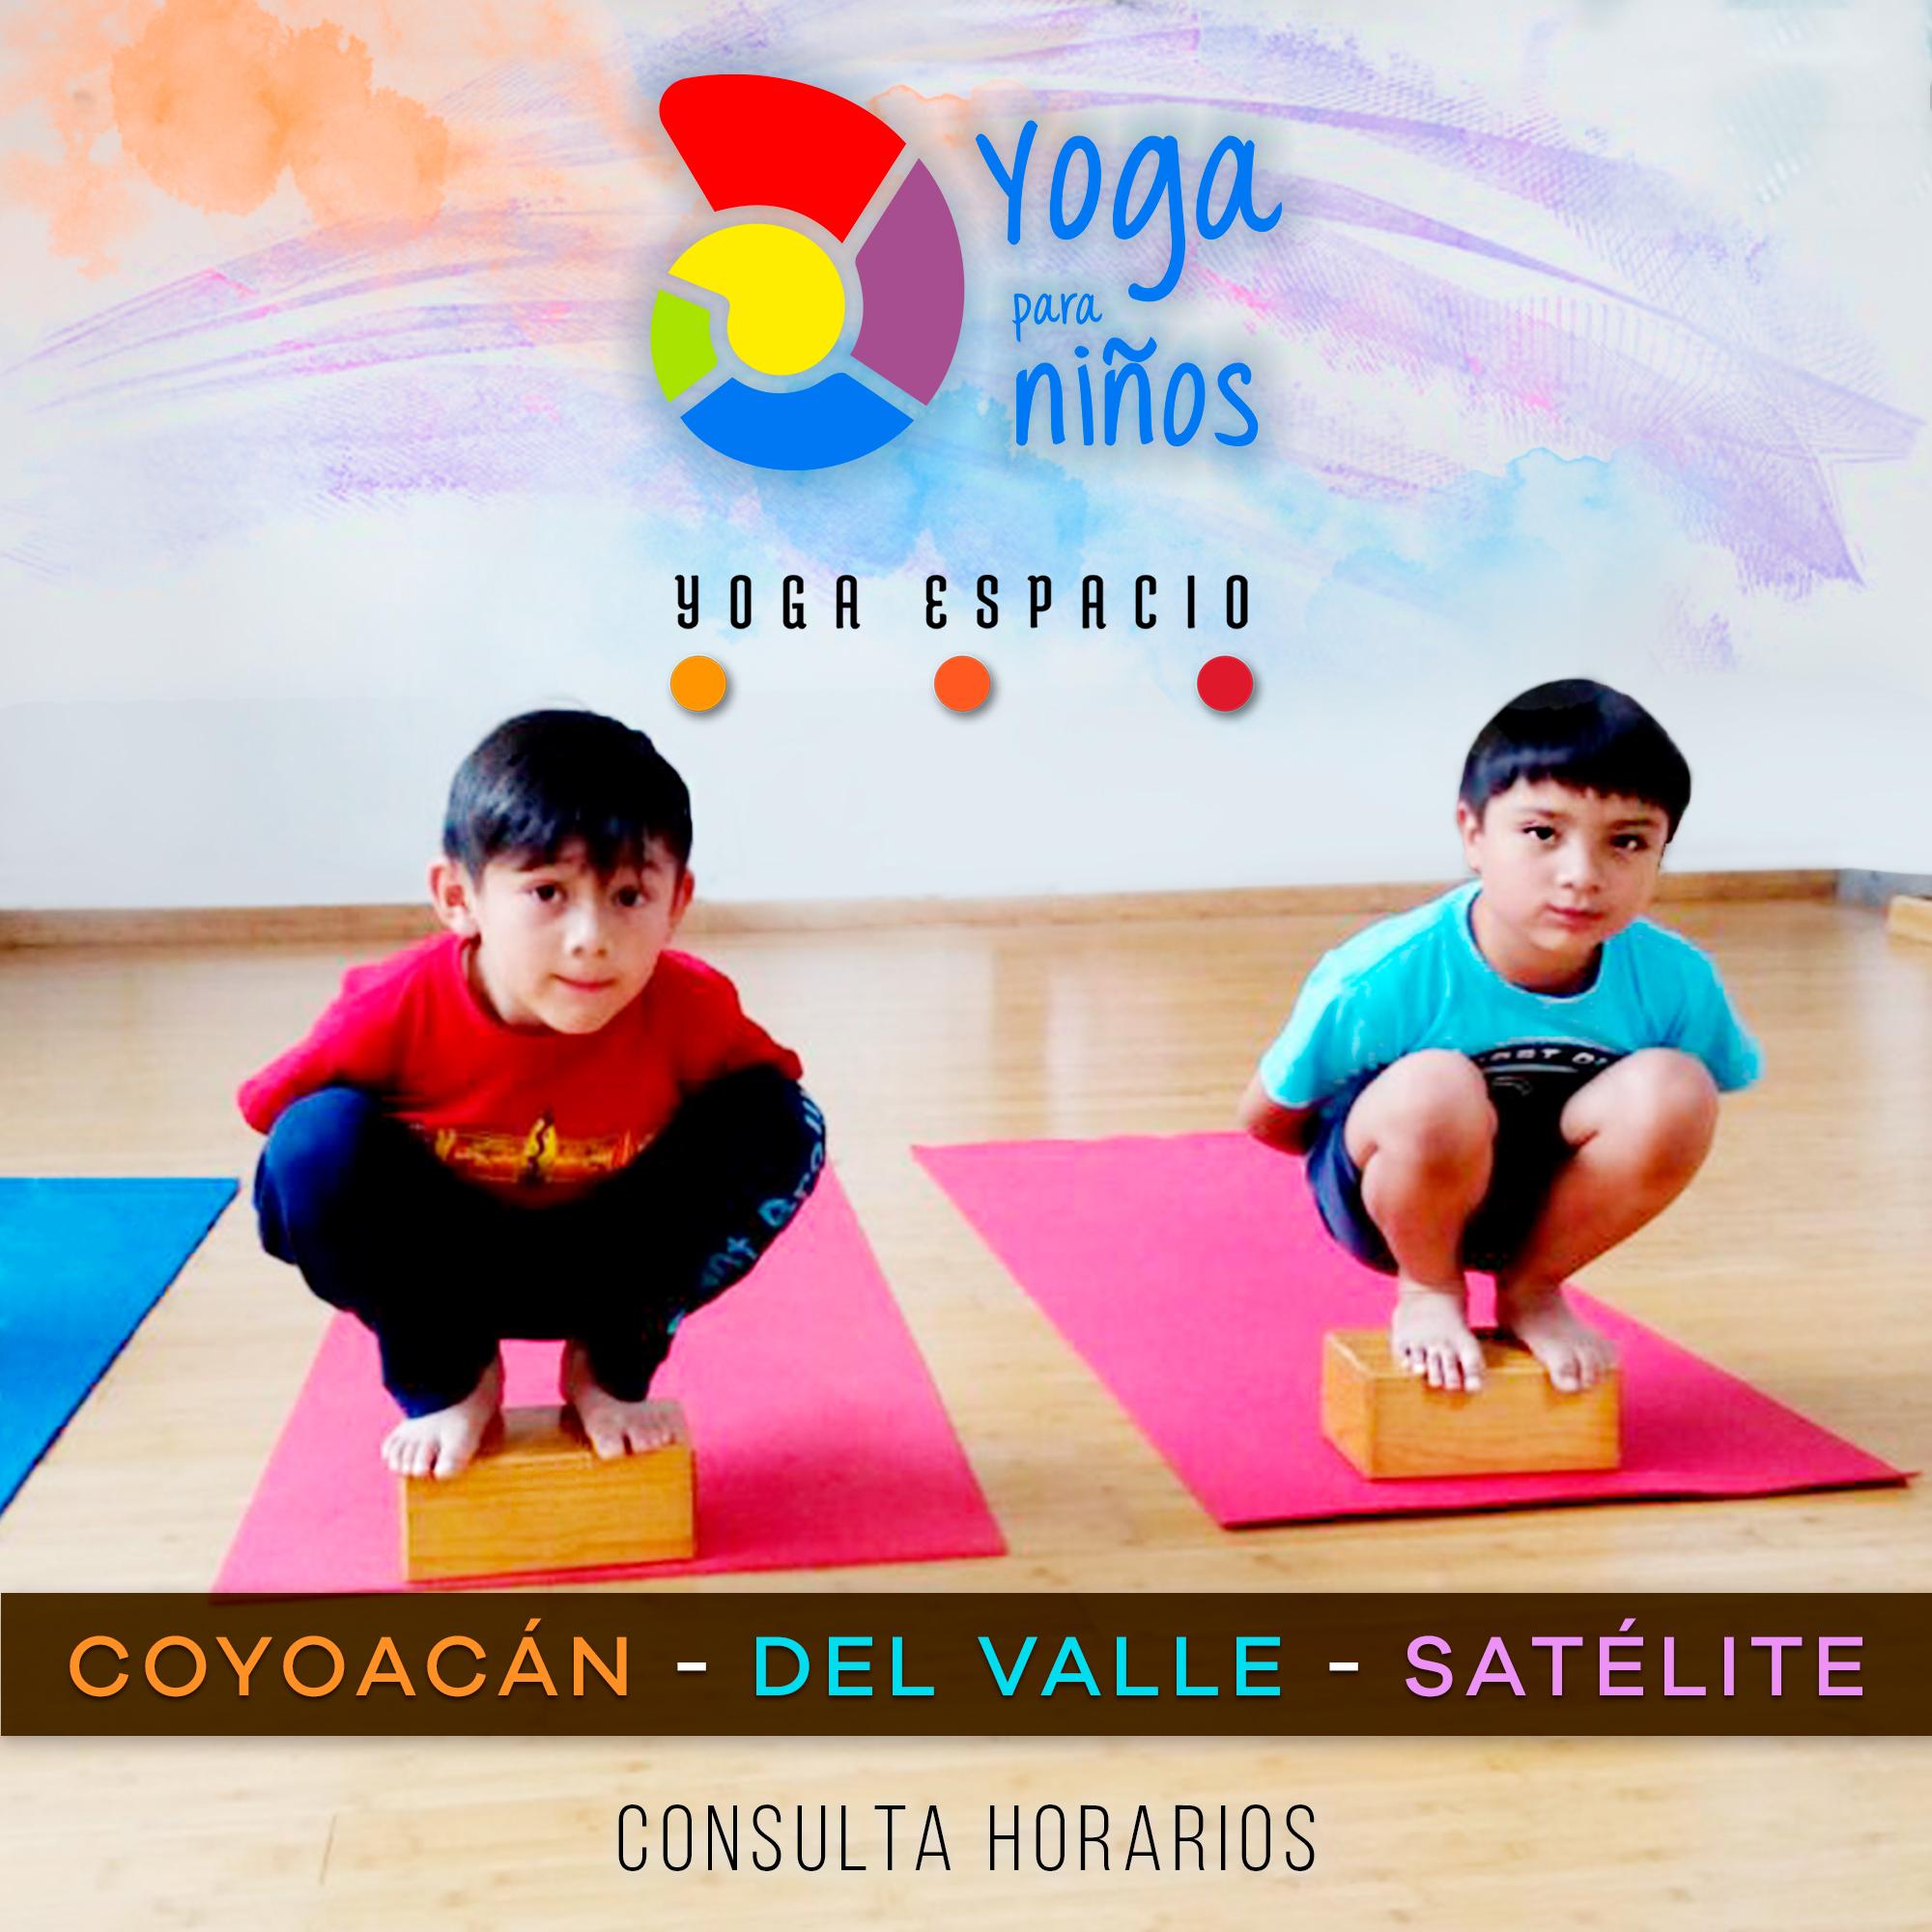 43c1c9439 Yoga para Niños » Yoga Espacio   Yoga Espacio